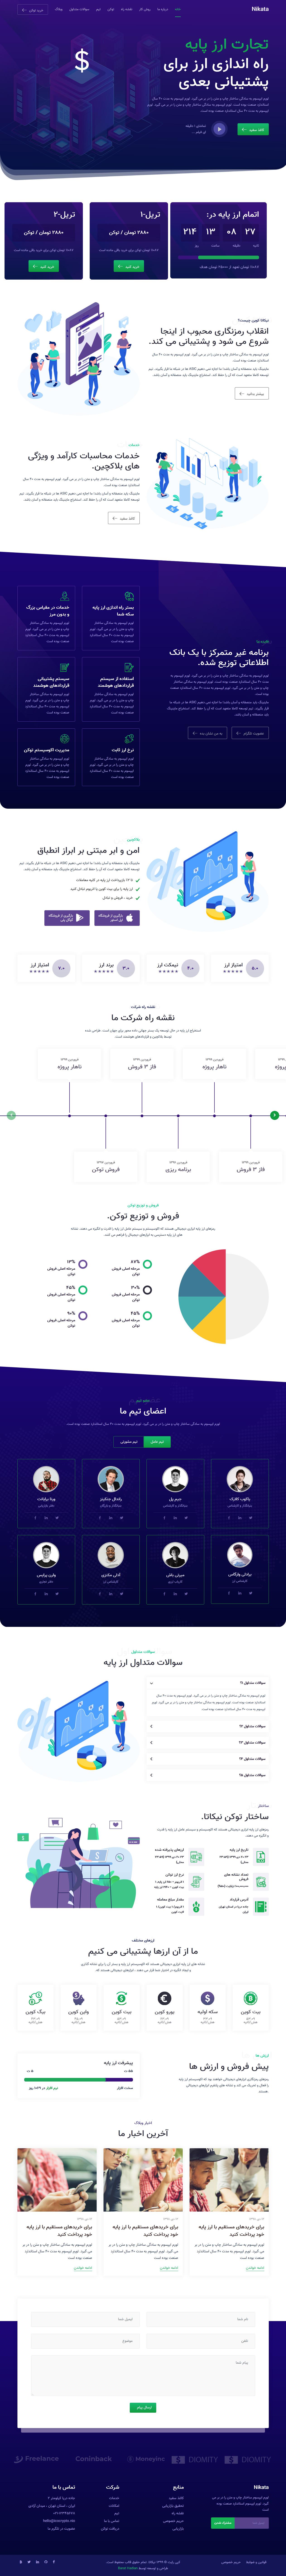 قالب HTML Nikata   قالب HTML سایت خلاقانه ارز دیجیتال و صرافی آنلاین